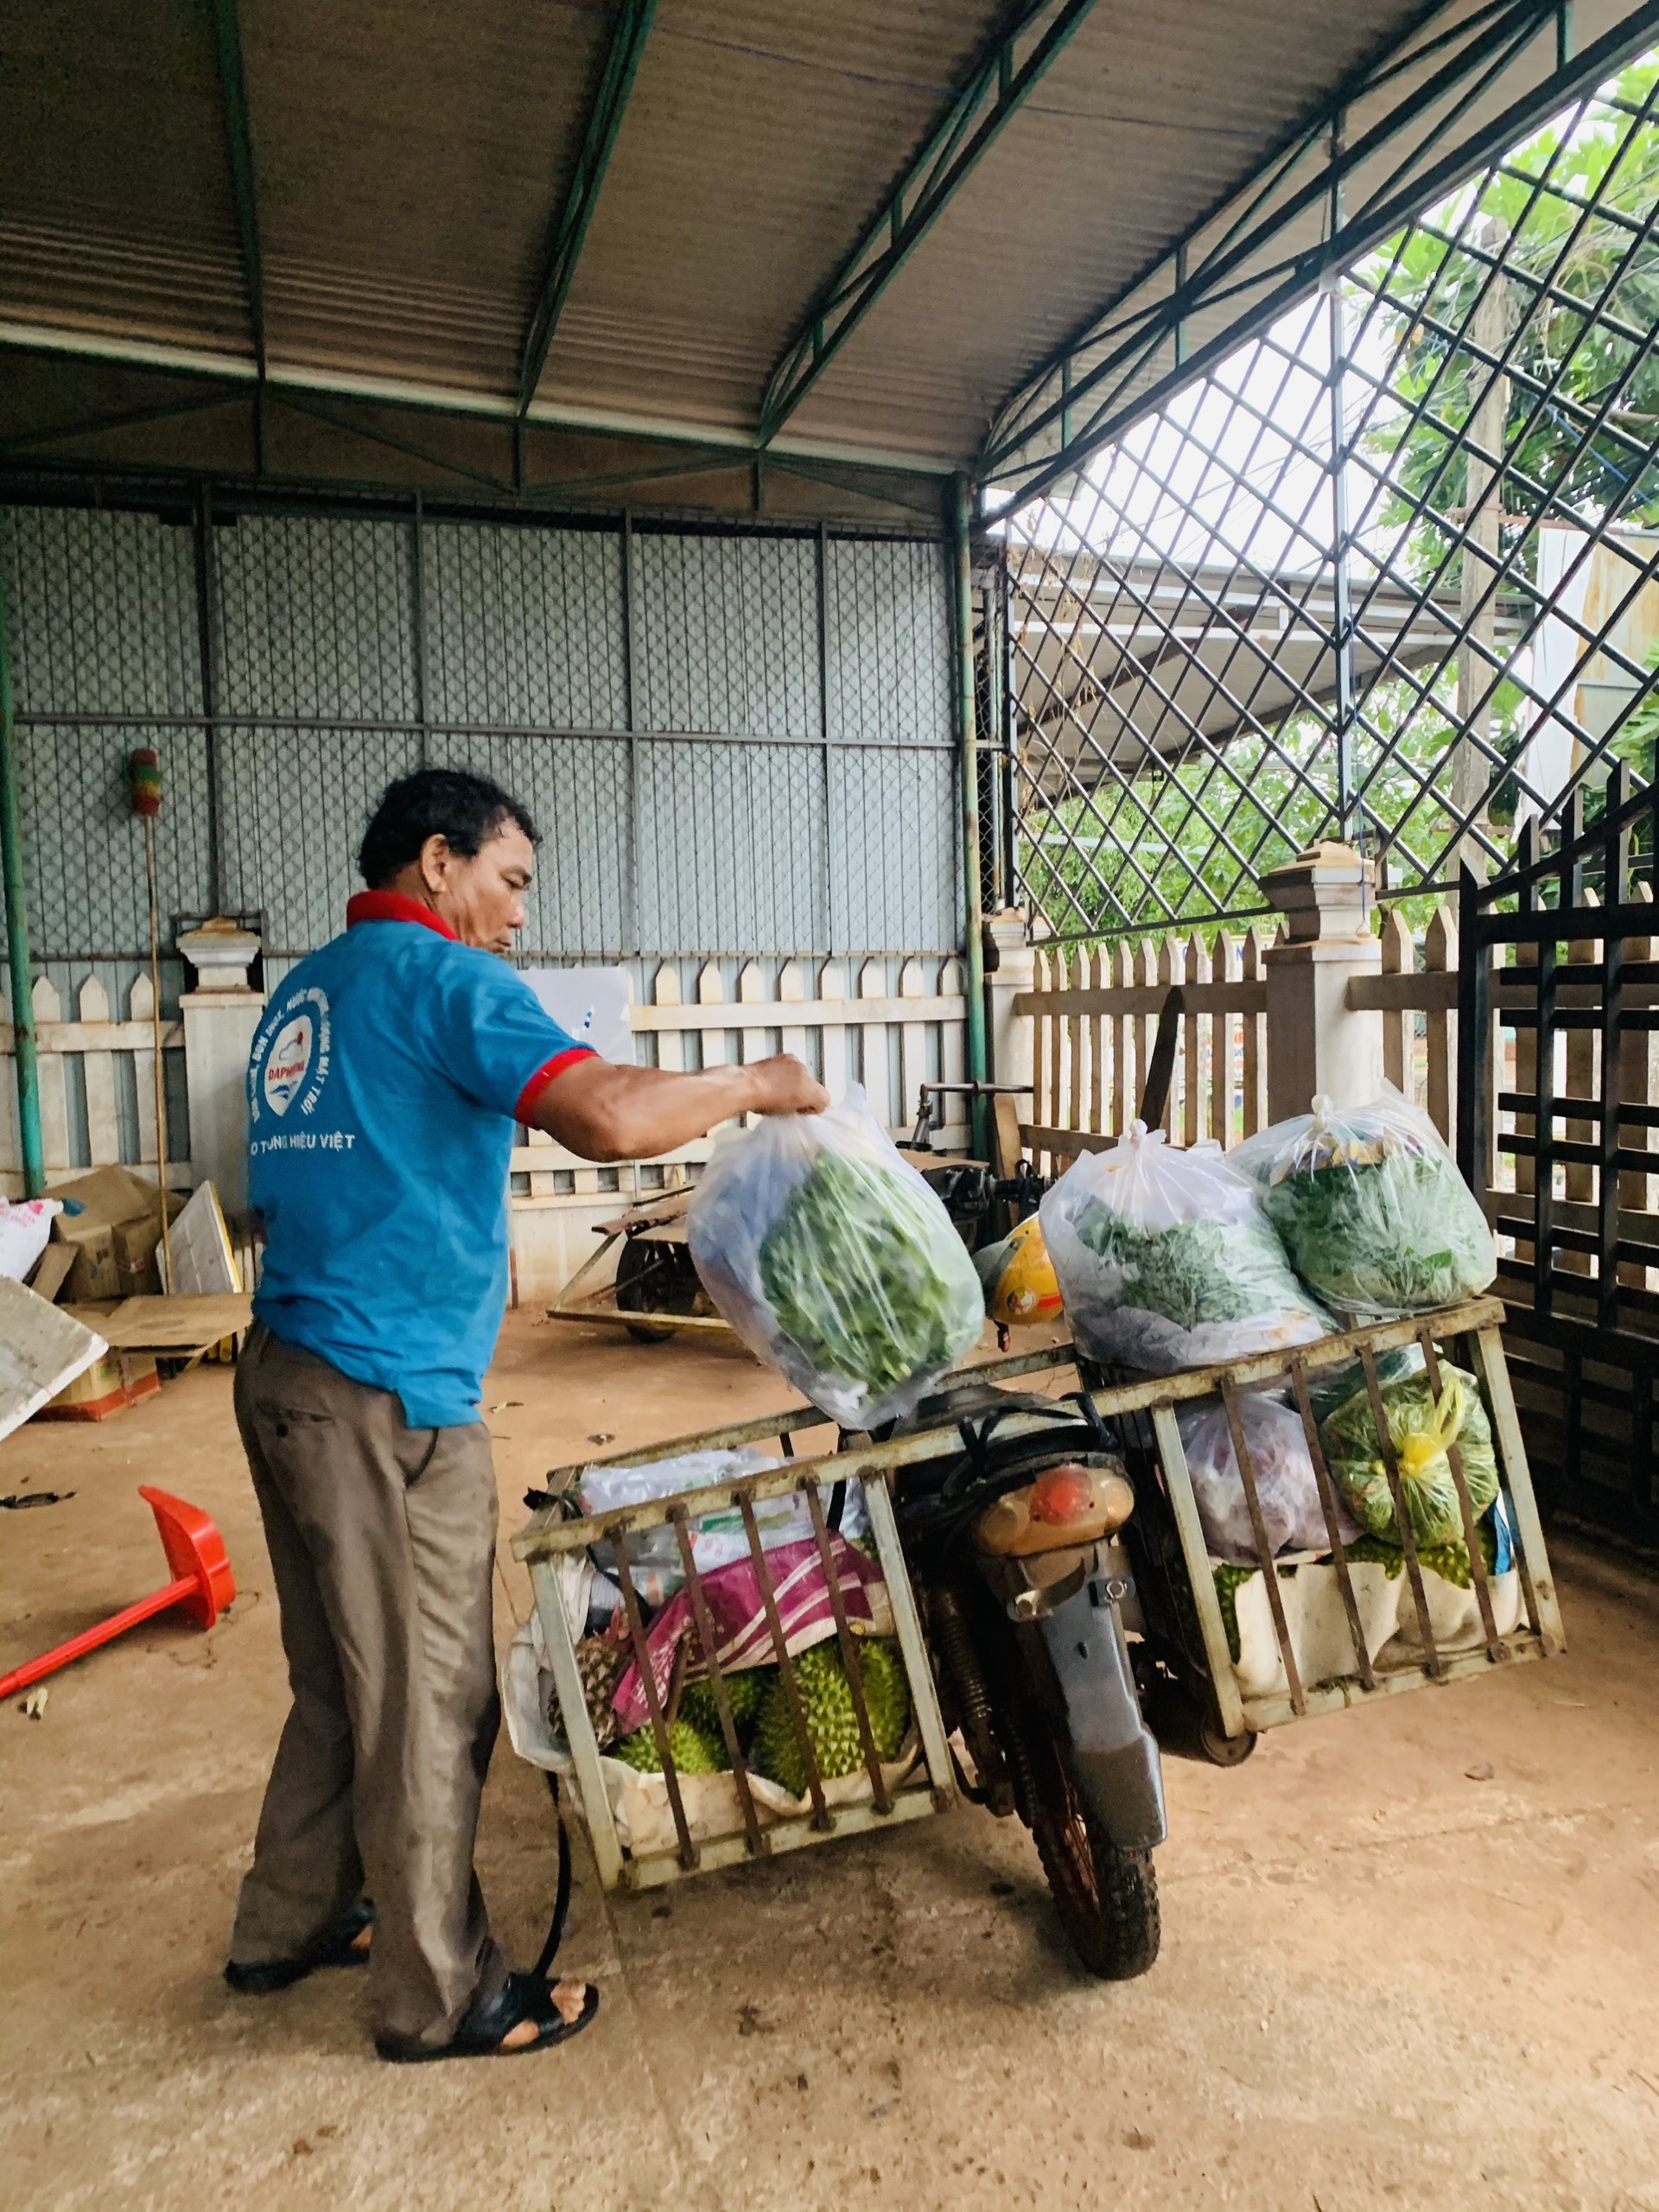 Cha chị Dung chuẩn bị chở hàng gửi xe khách vào Sài Gòn cho con gái